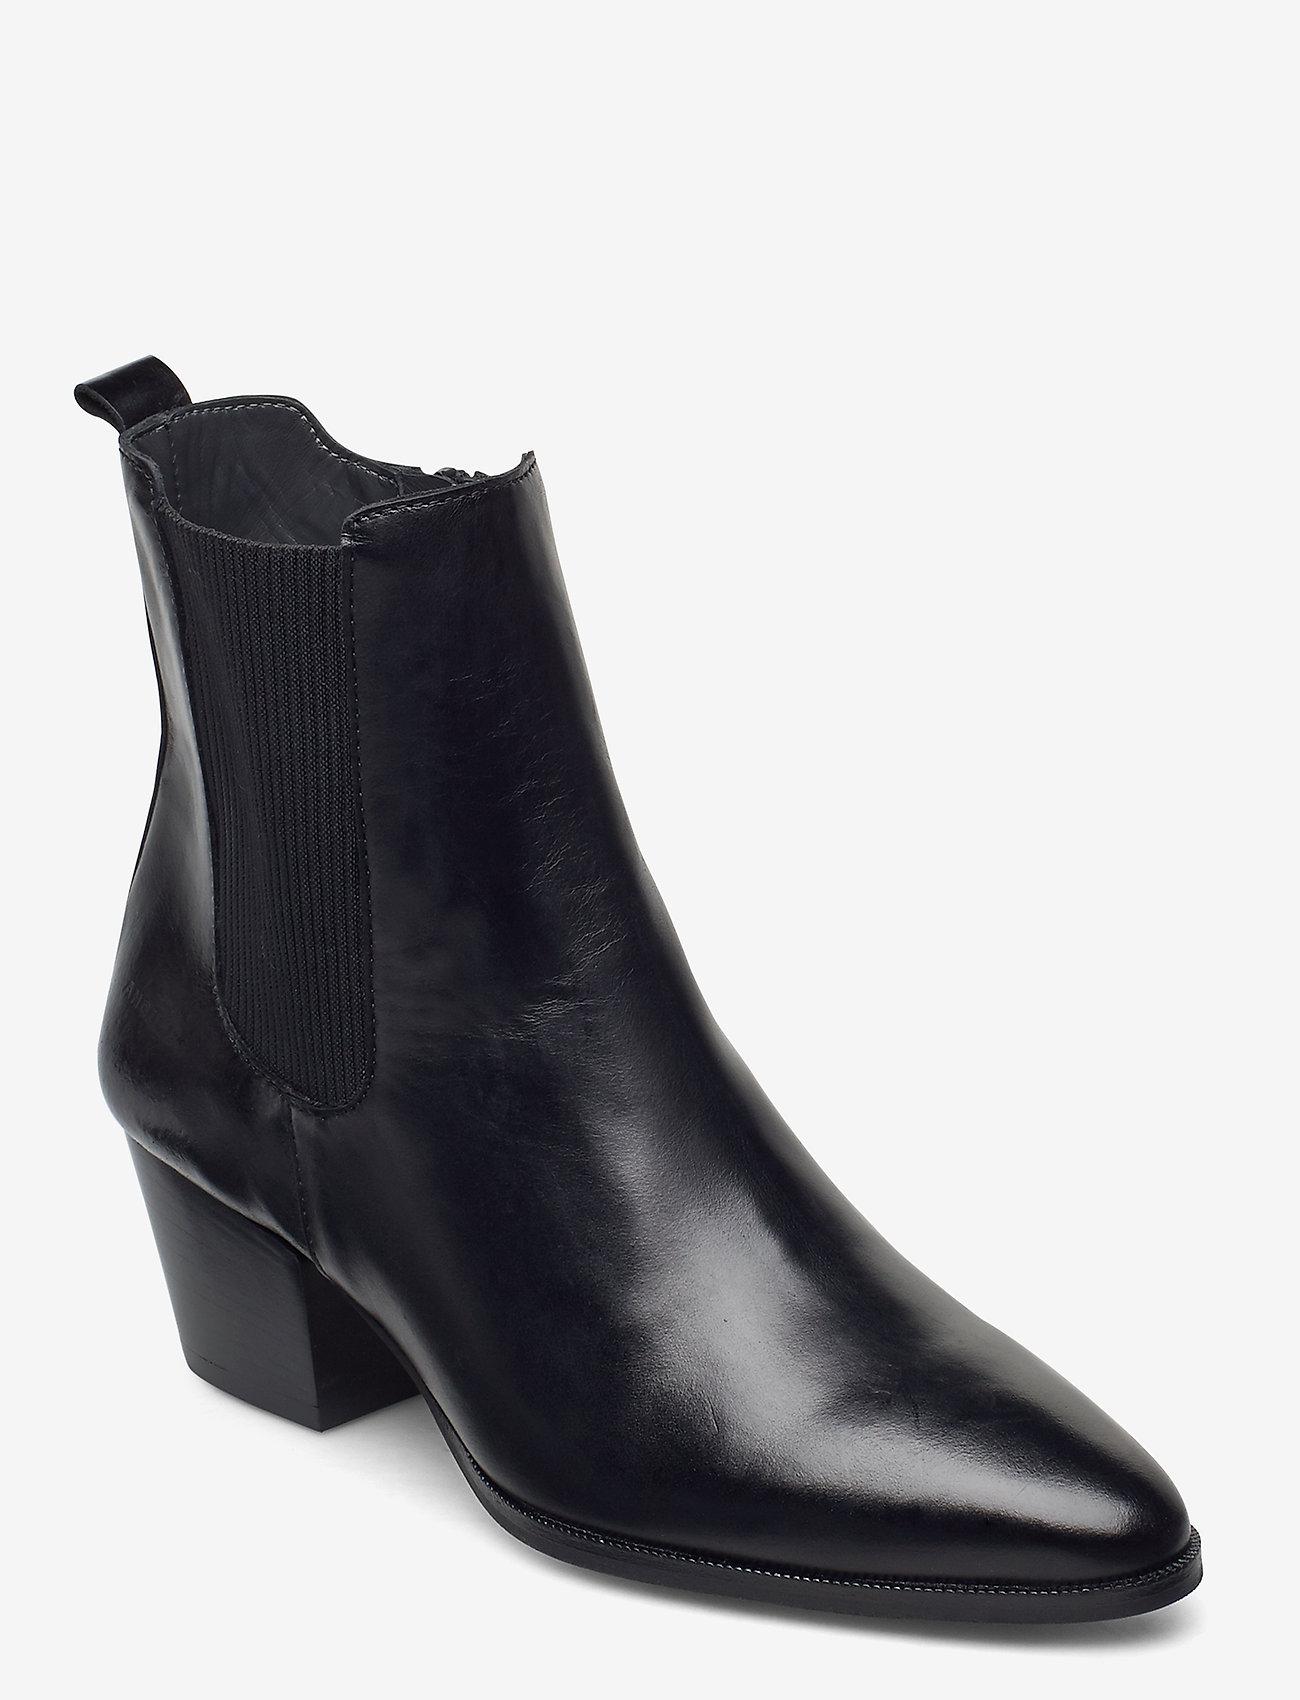 ANGULUS - Booties - Block heel - with elas - ankelstøvler med hæl - 1835/019 sort/sort - 0